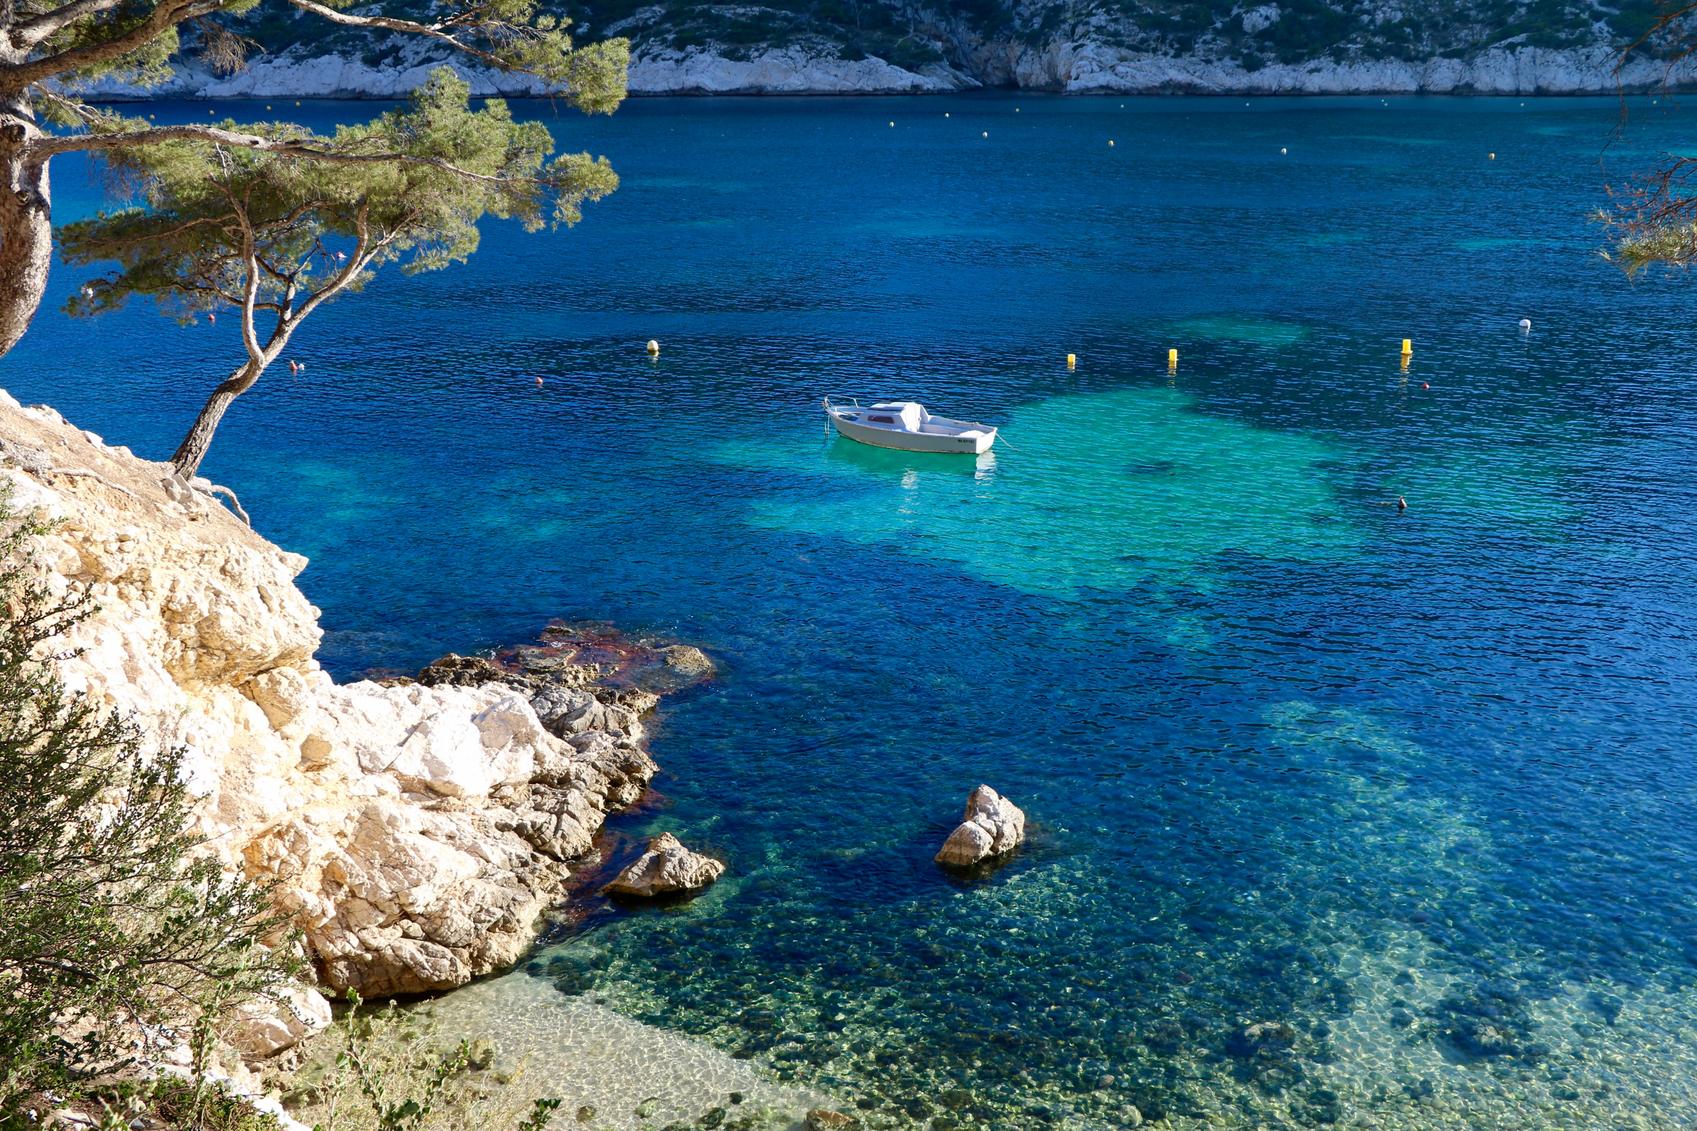 Calanques et bateau à la dérive sur une mer turquoise